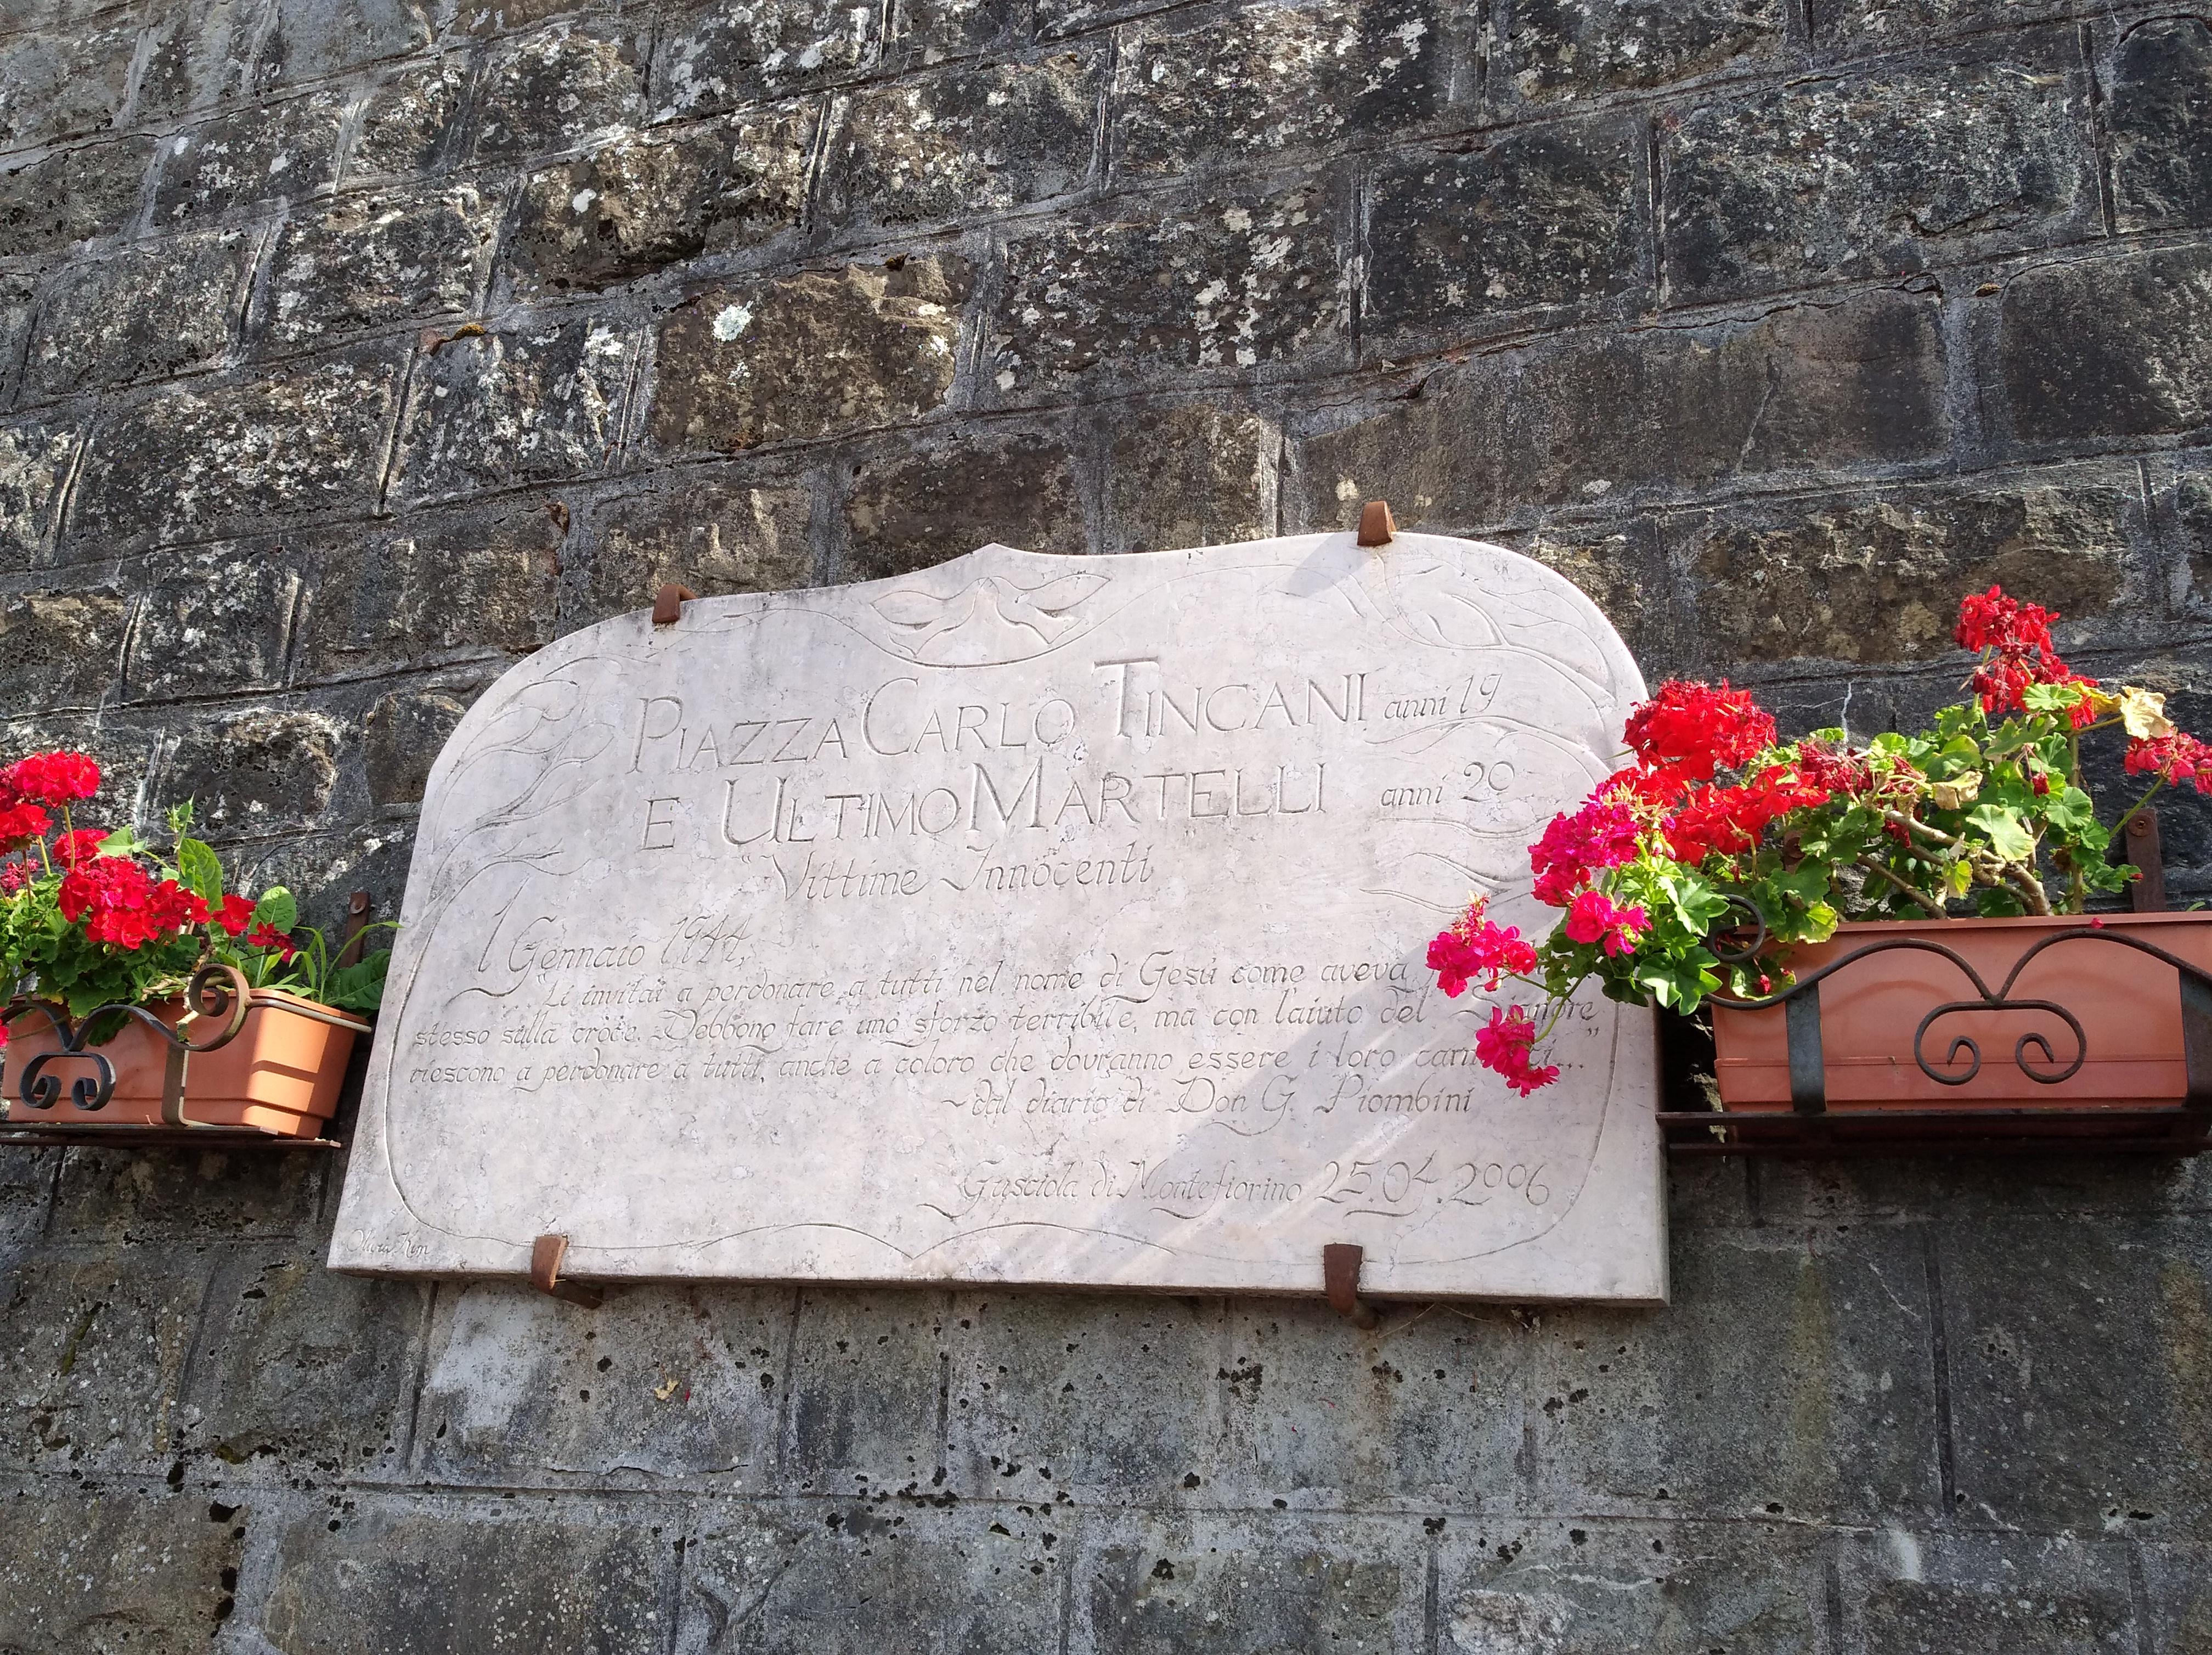 In cammino dalla Repubblica di Montefiorino alla Repubblica italiana